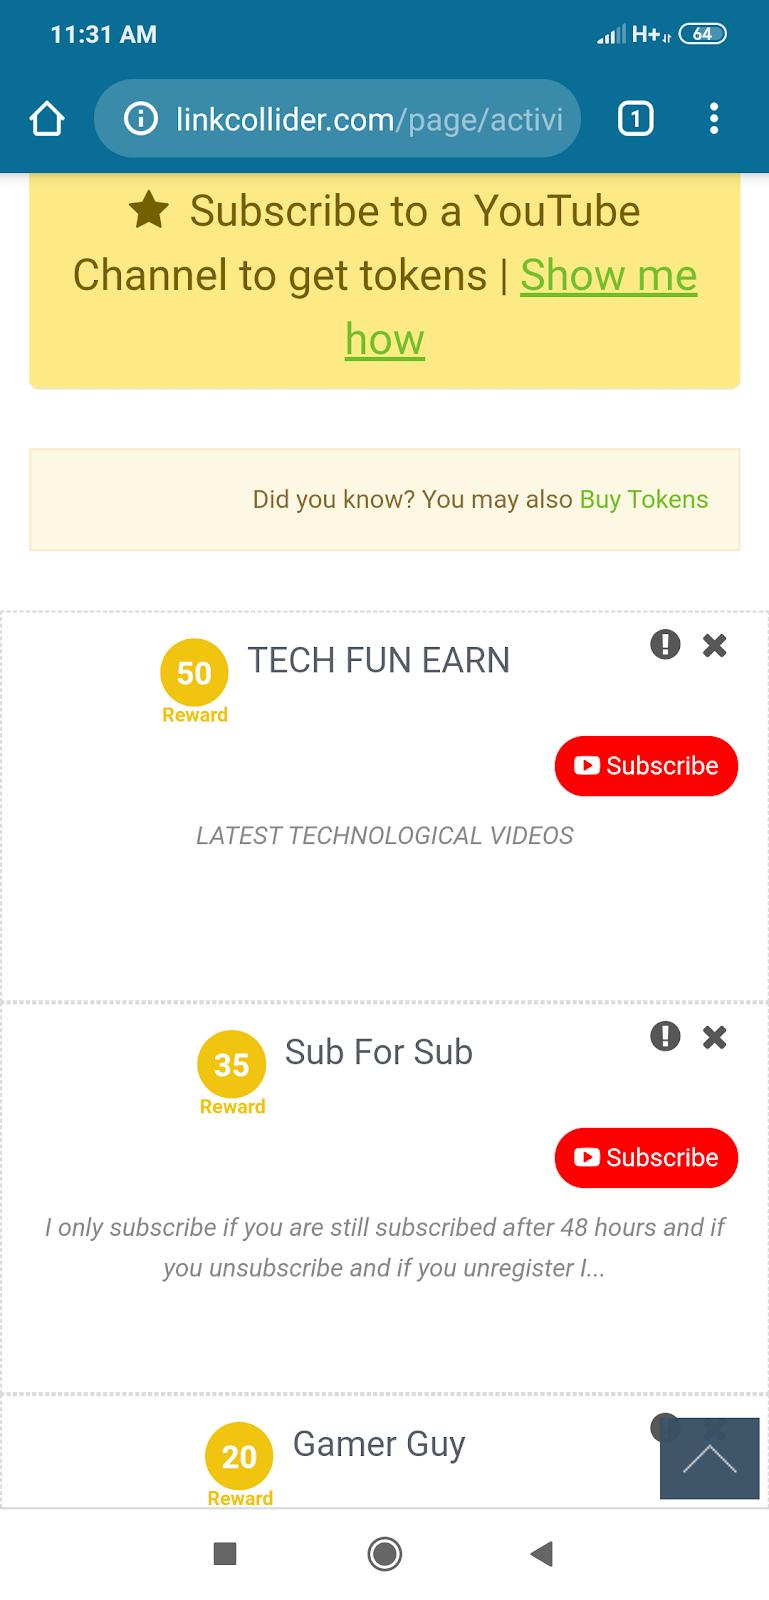 কিভাবে খুব দ্রুত YouTube Subscriber পাওয়া যায় || How to get firstly YouTubesubscriber